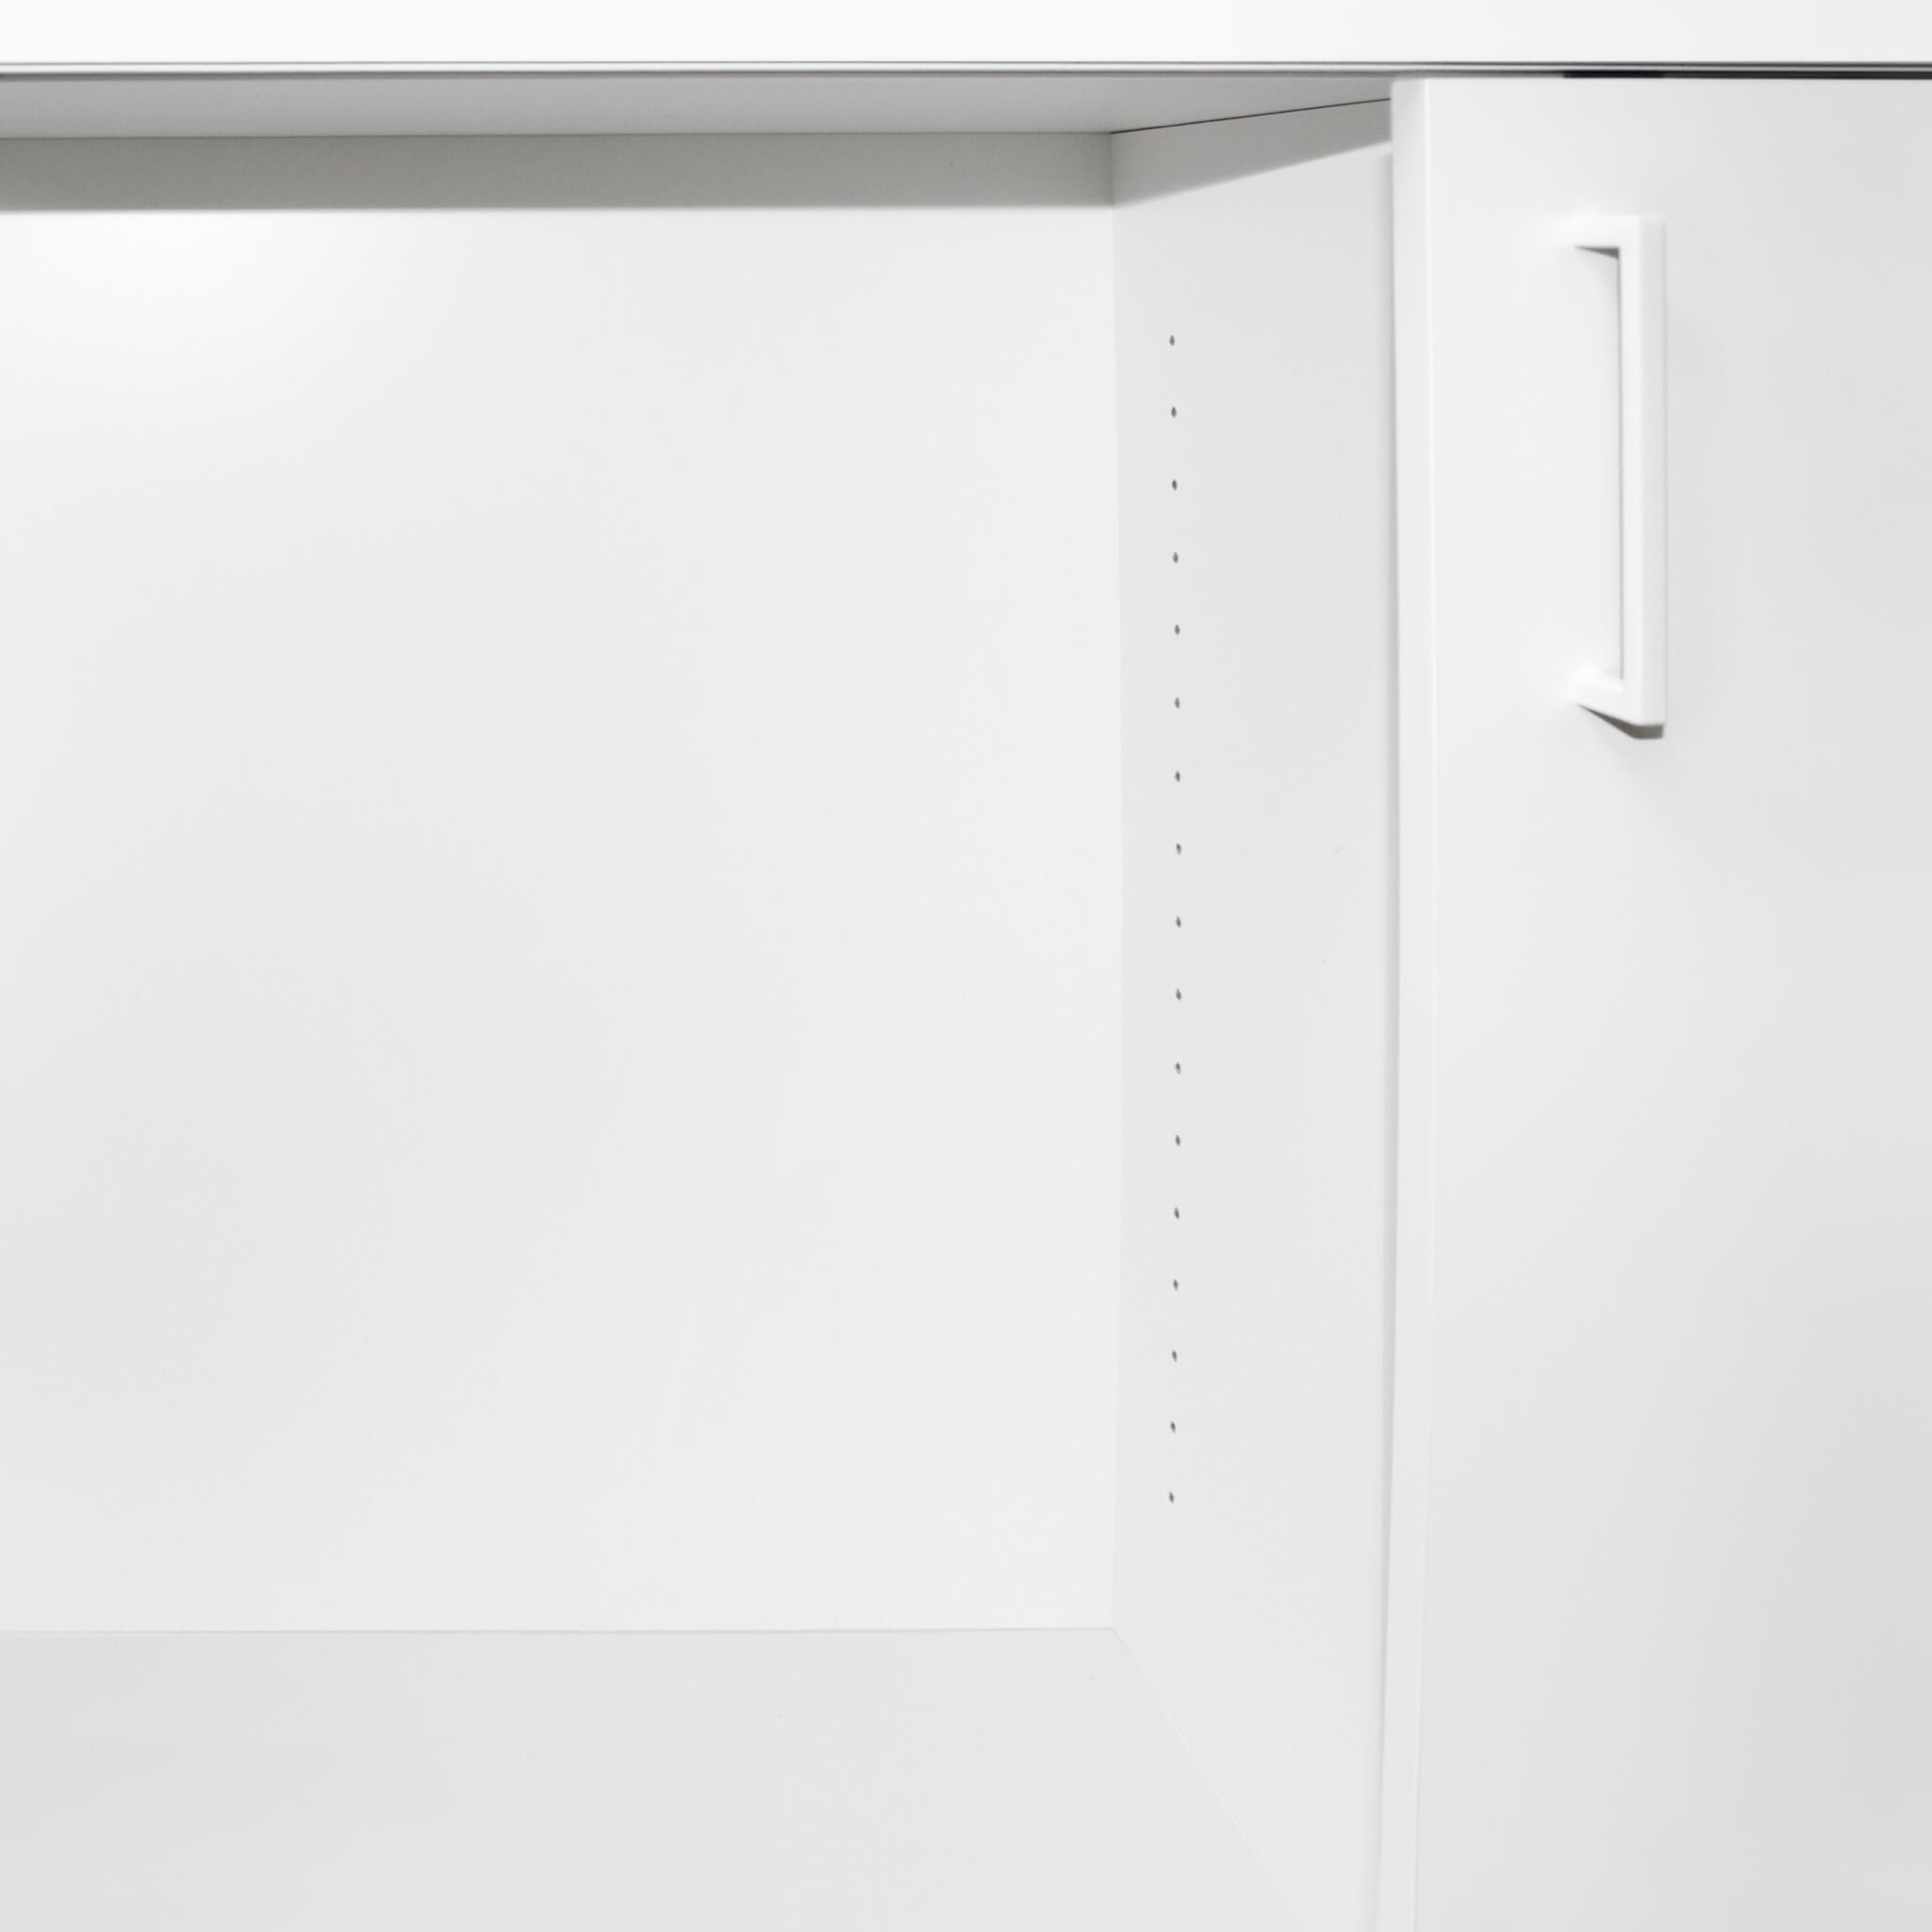 Uni Schiebeturenschrank 1 Meter Breit Abschliessbar 2oh Weiss